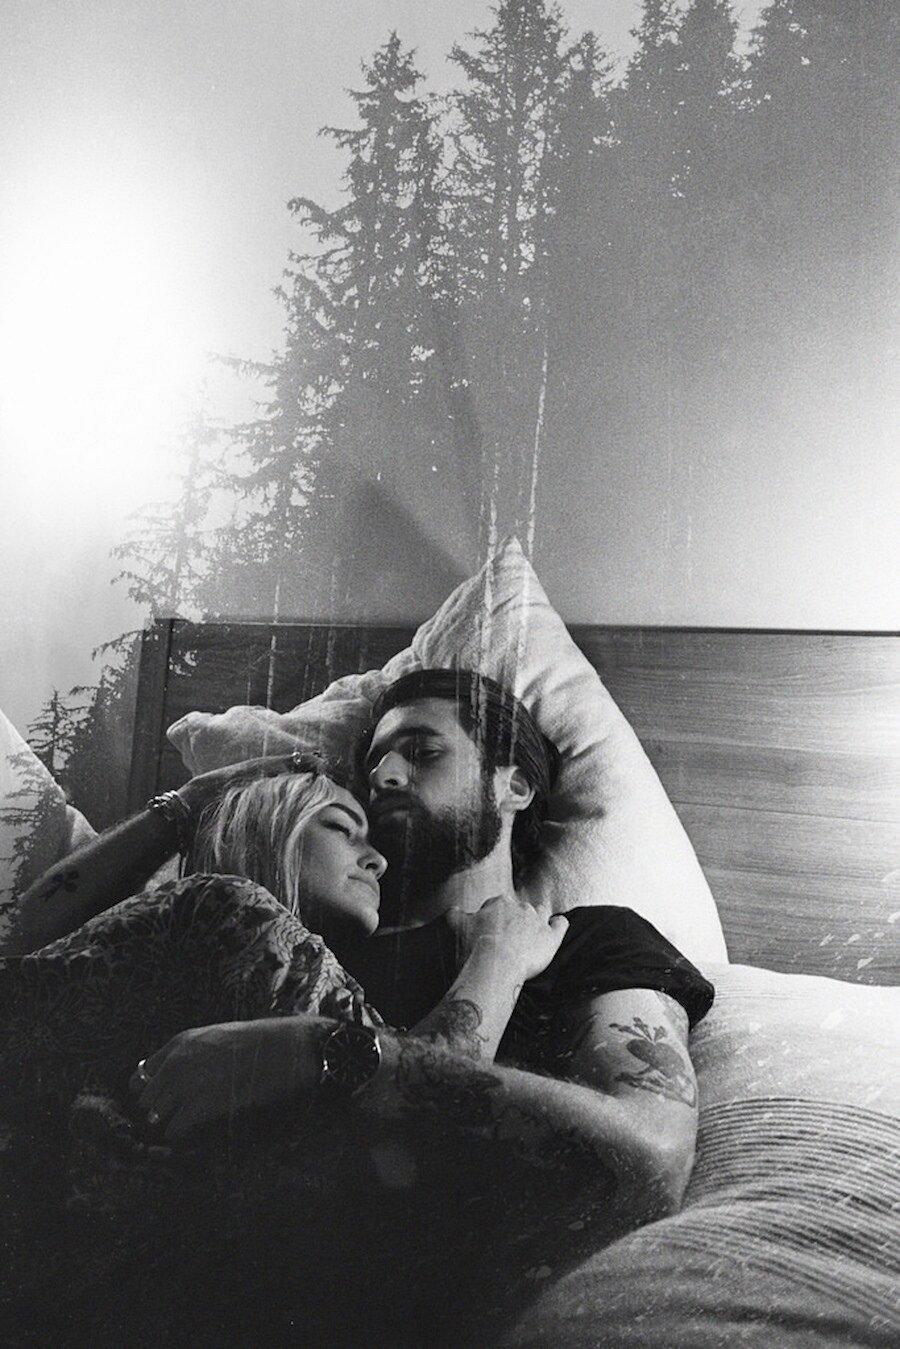 fotografia-coppie-intimita-amore-maud-chalard-10